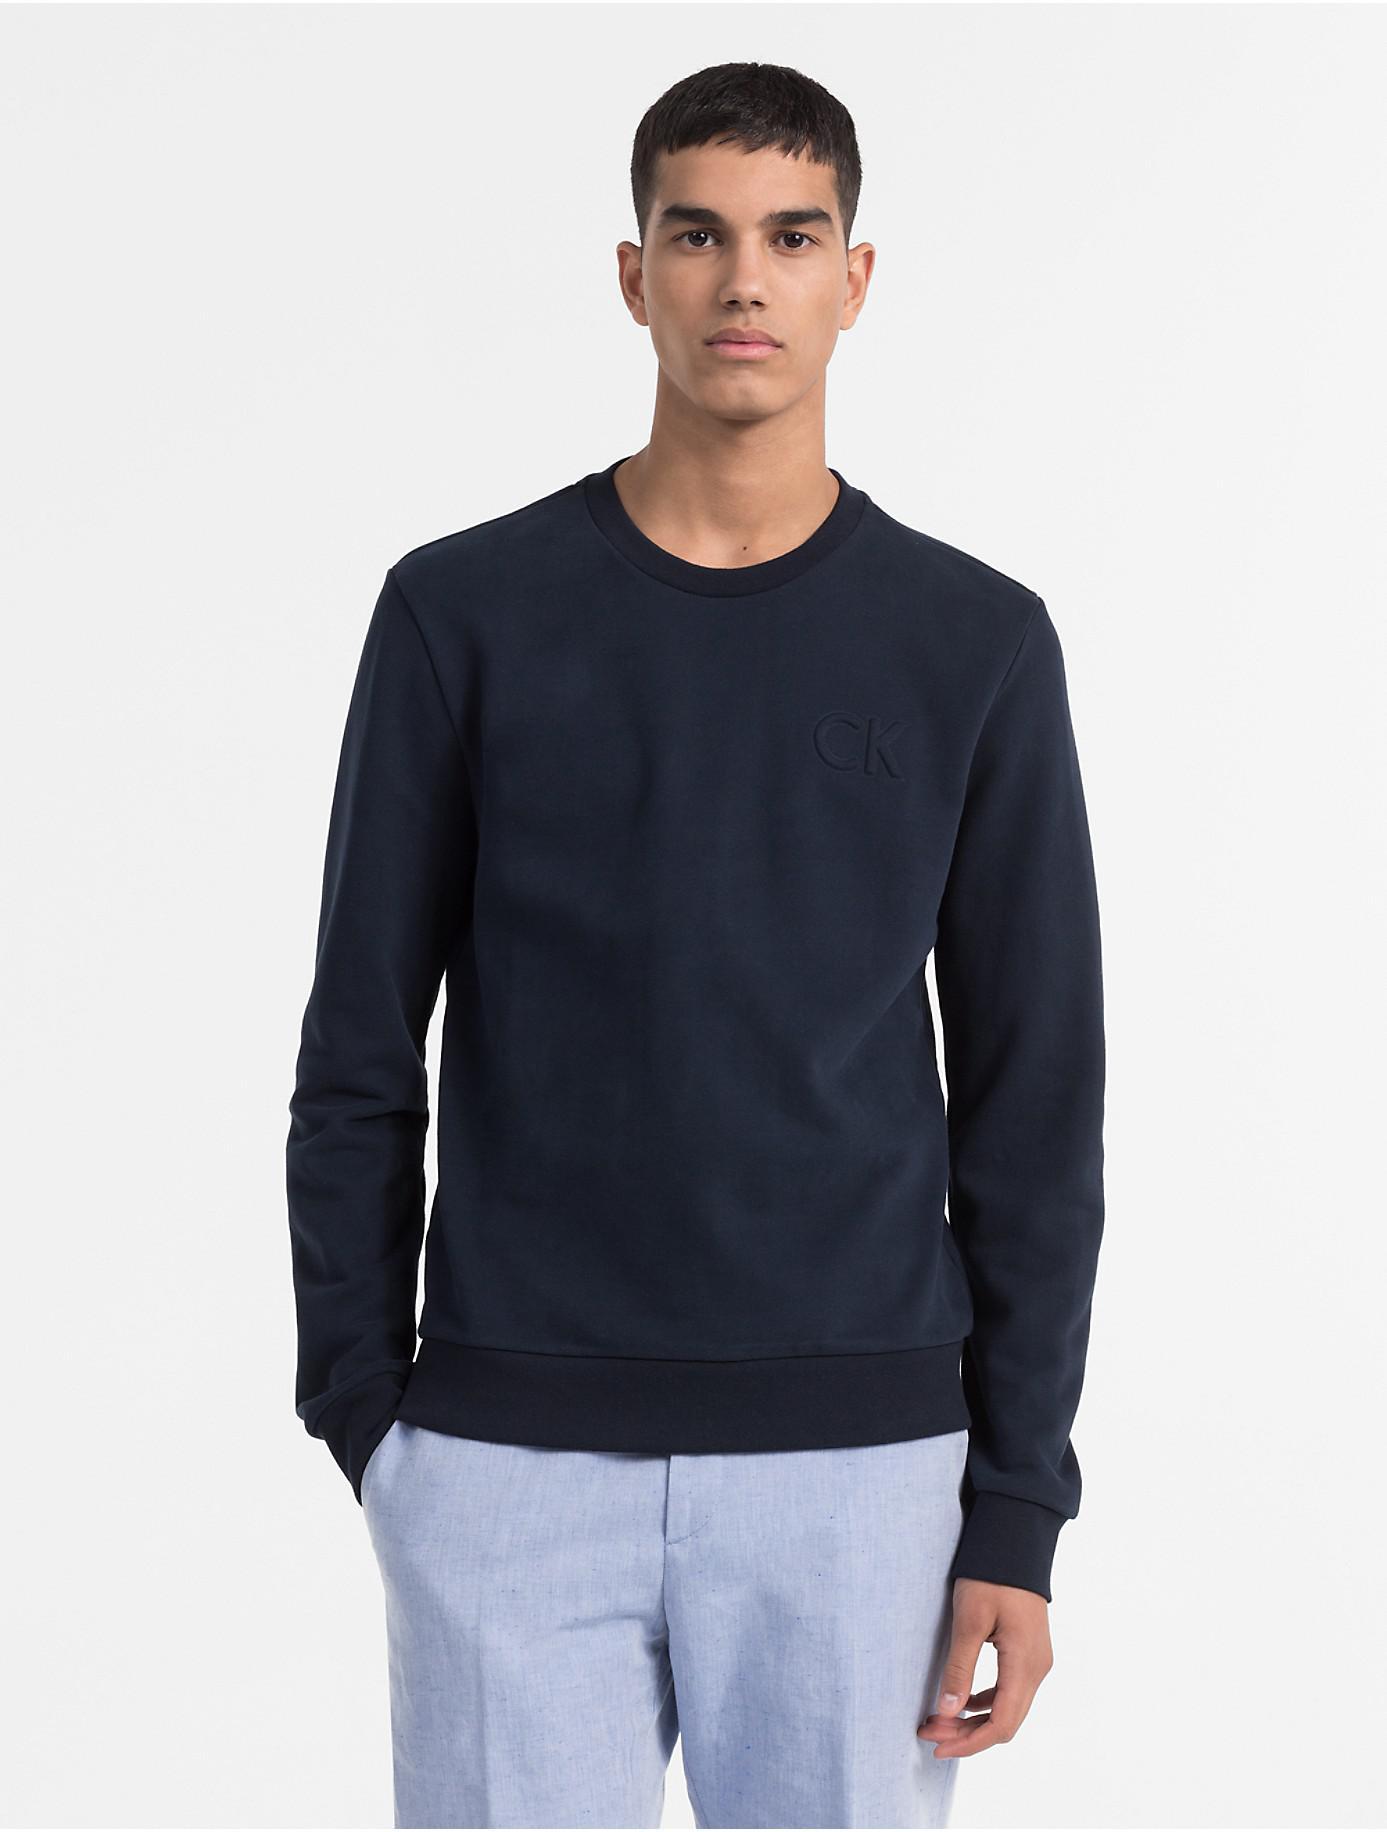 Aberdeen logo sweatshirt - Blue CALVIN KLEIN 205W39NYC Amazon Online IbxyaOG